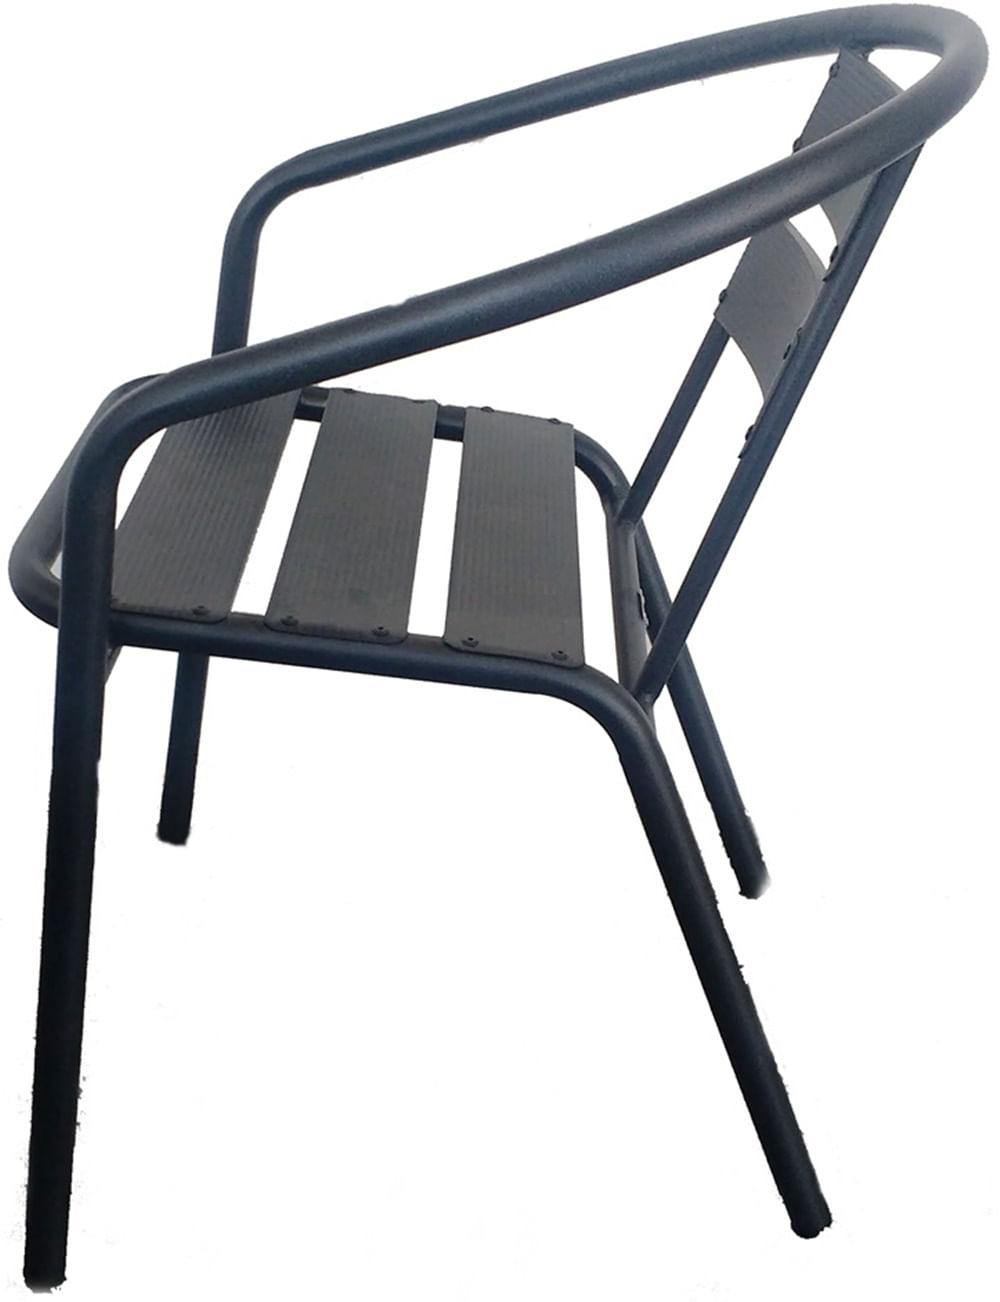 Cadeira Fun em Aluminio cor Chumbo - 44357